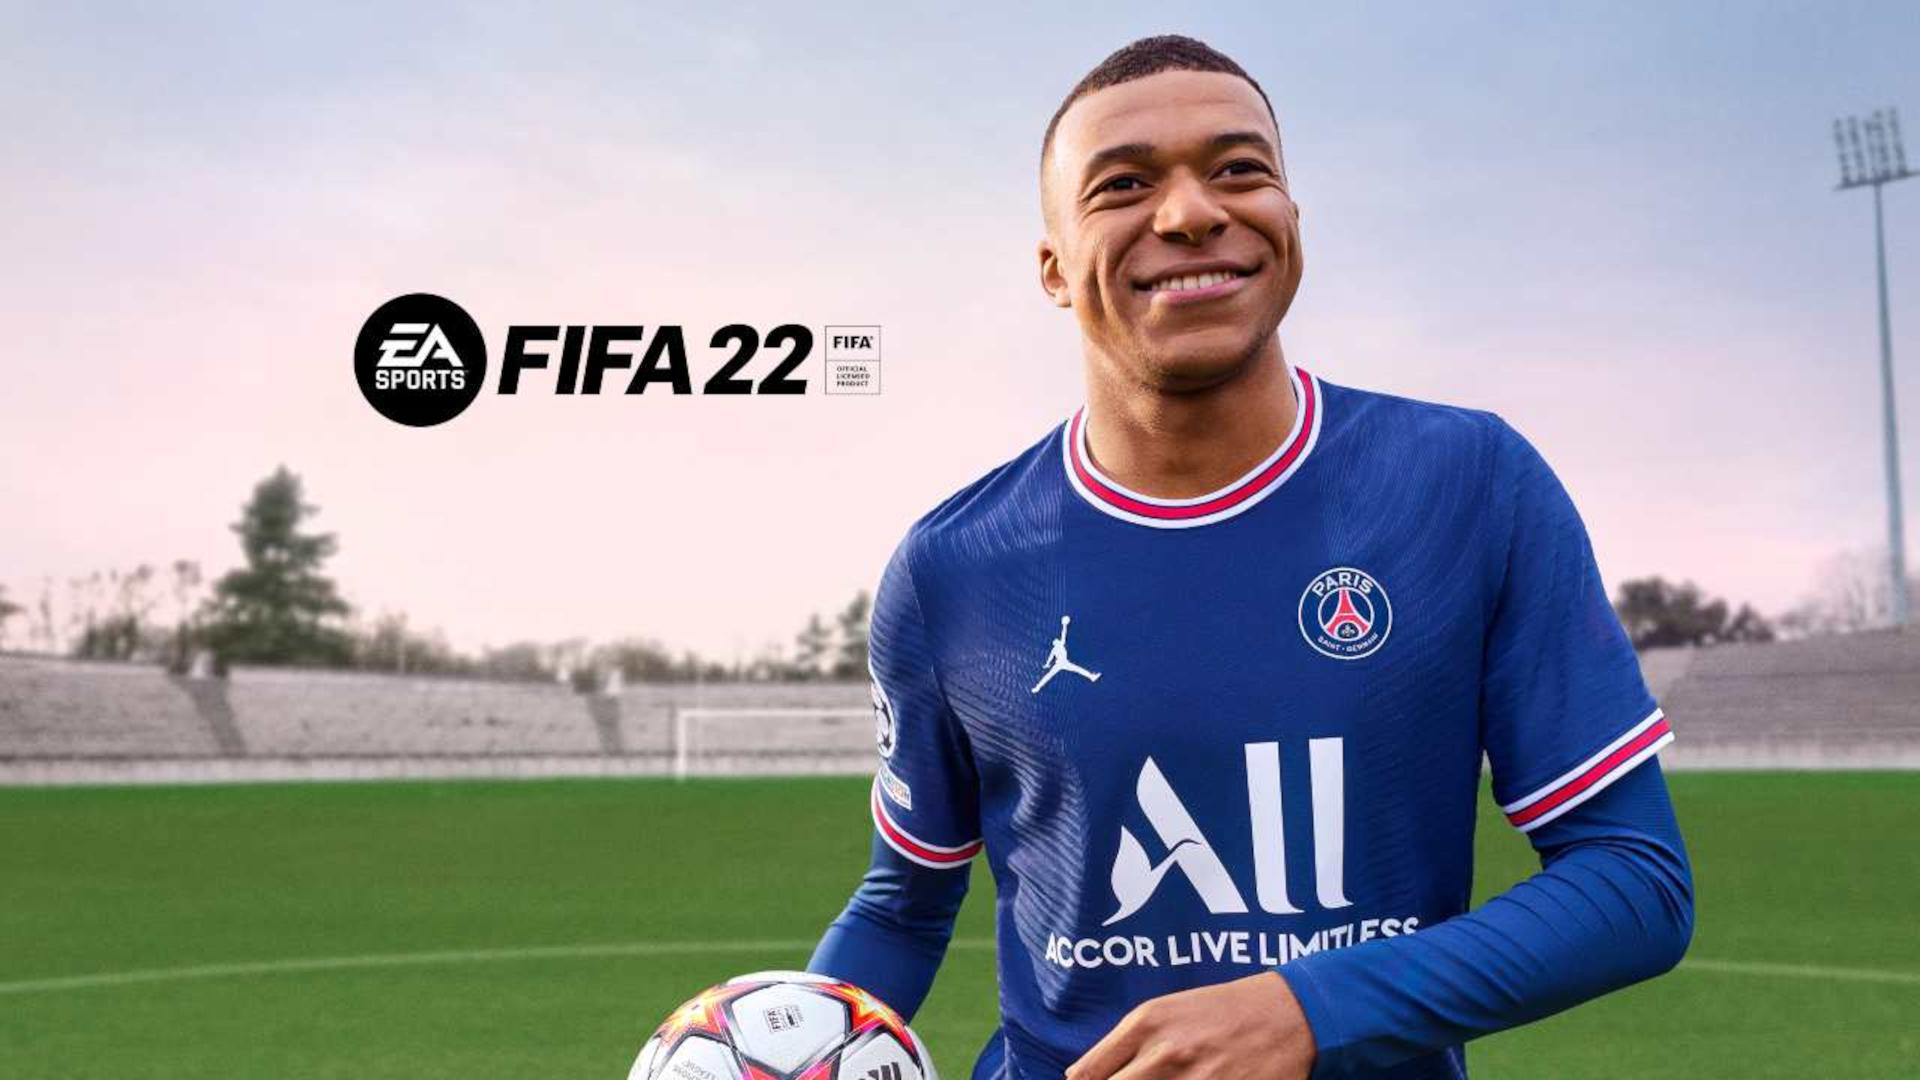 FIFA 22 a tutto tondo, la rivoluzione è nei feedback sensoriali